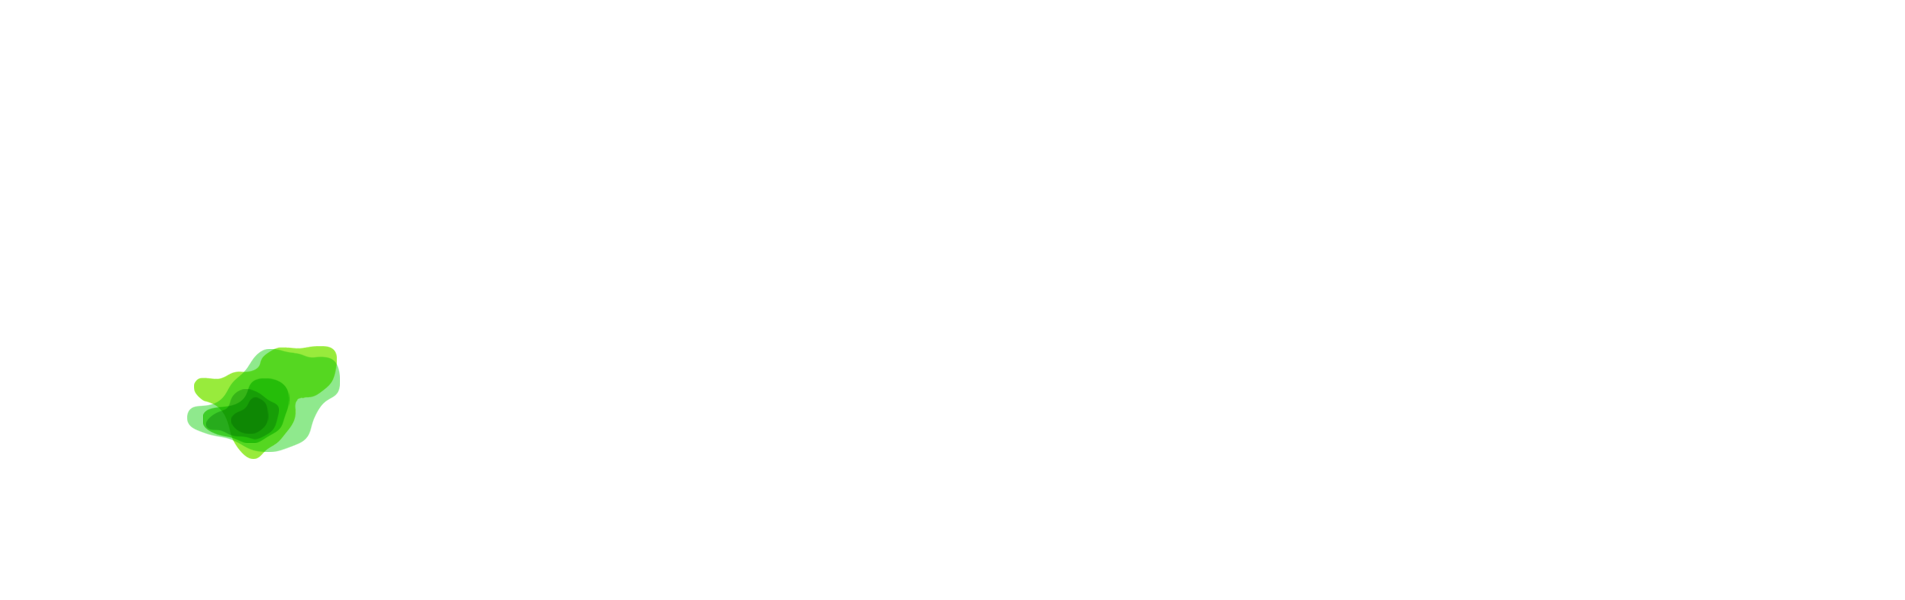 لایه دهم اسلایدر گرین ورلد ، هویت بصری ، طراحی لوگو ، طراحی لوگوتایپ ، شرکت تبلیغاتی ، شرکت تبلیغاتی الف ، گرین ورلد ، کود مایع گرین ورلد ، لوگوی گرین ورلد ، هویت بصری گرین ورلد ، طراحی هویت بصری